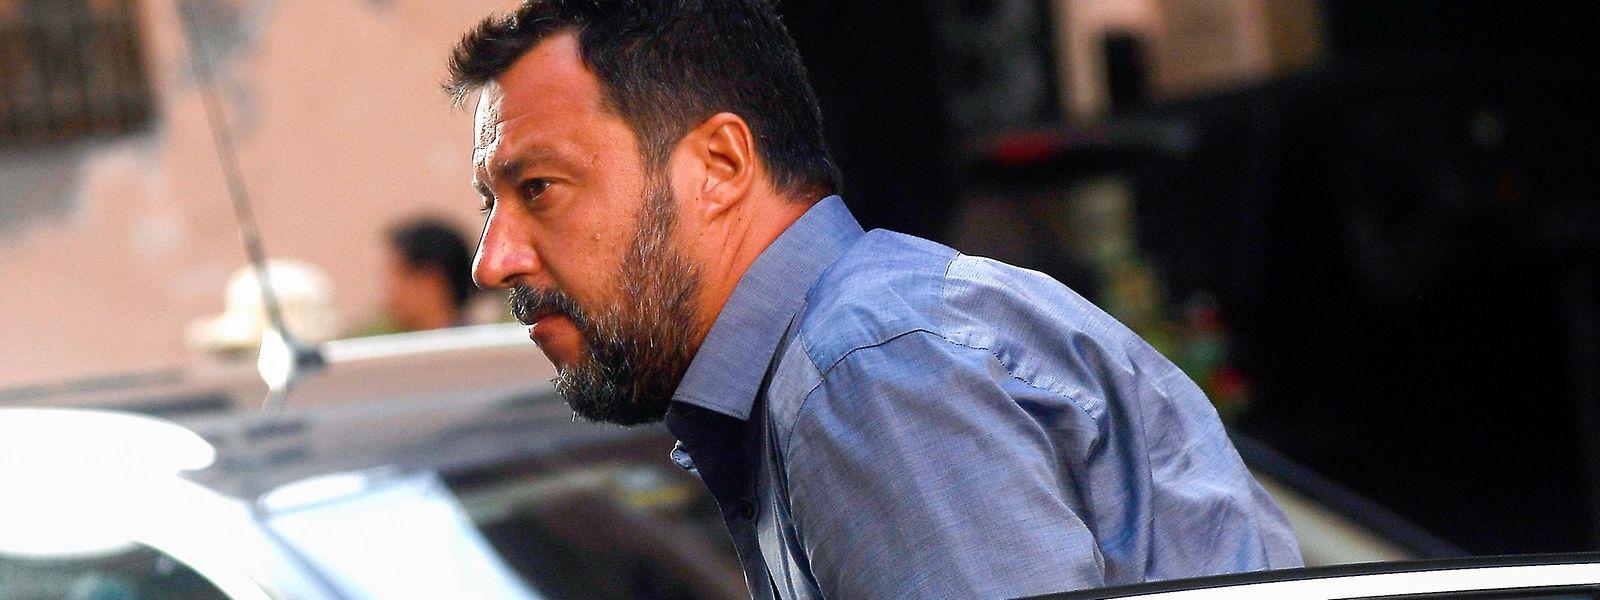 Merde alors: Für den Rechtspopulisten Matteo Salvini sind die Umfragewerte nicht gut – er muss zittern.